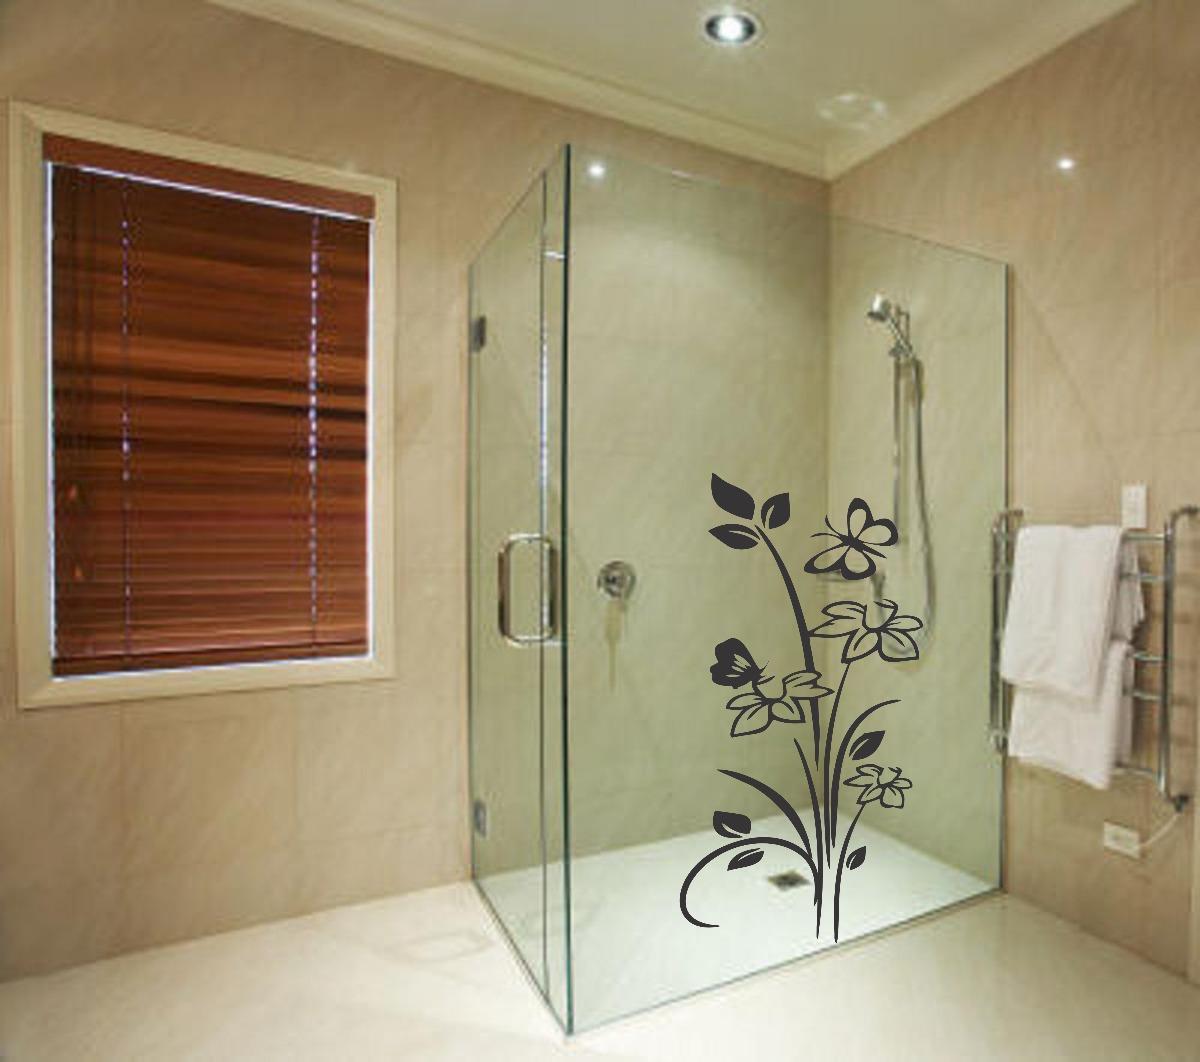 Imagens de #69351B Box De Vidro Para Banheiro Confira Dicas Pictures to pin on Pinterest 1200x1062 px 3218 Box Acrilico Para Banheiro Praia Grande